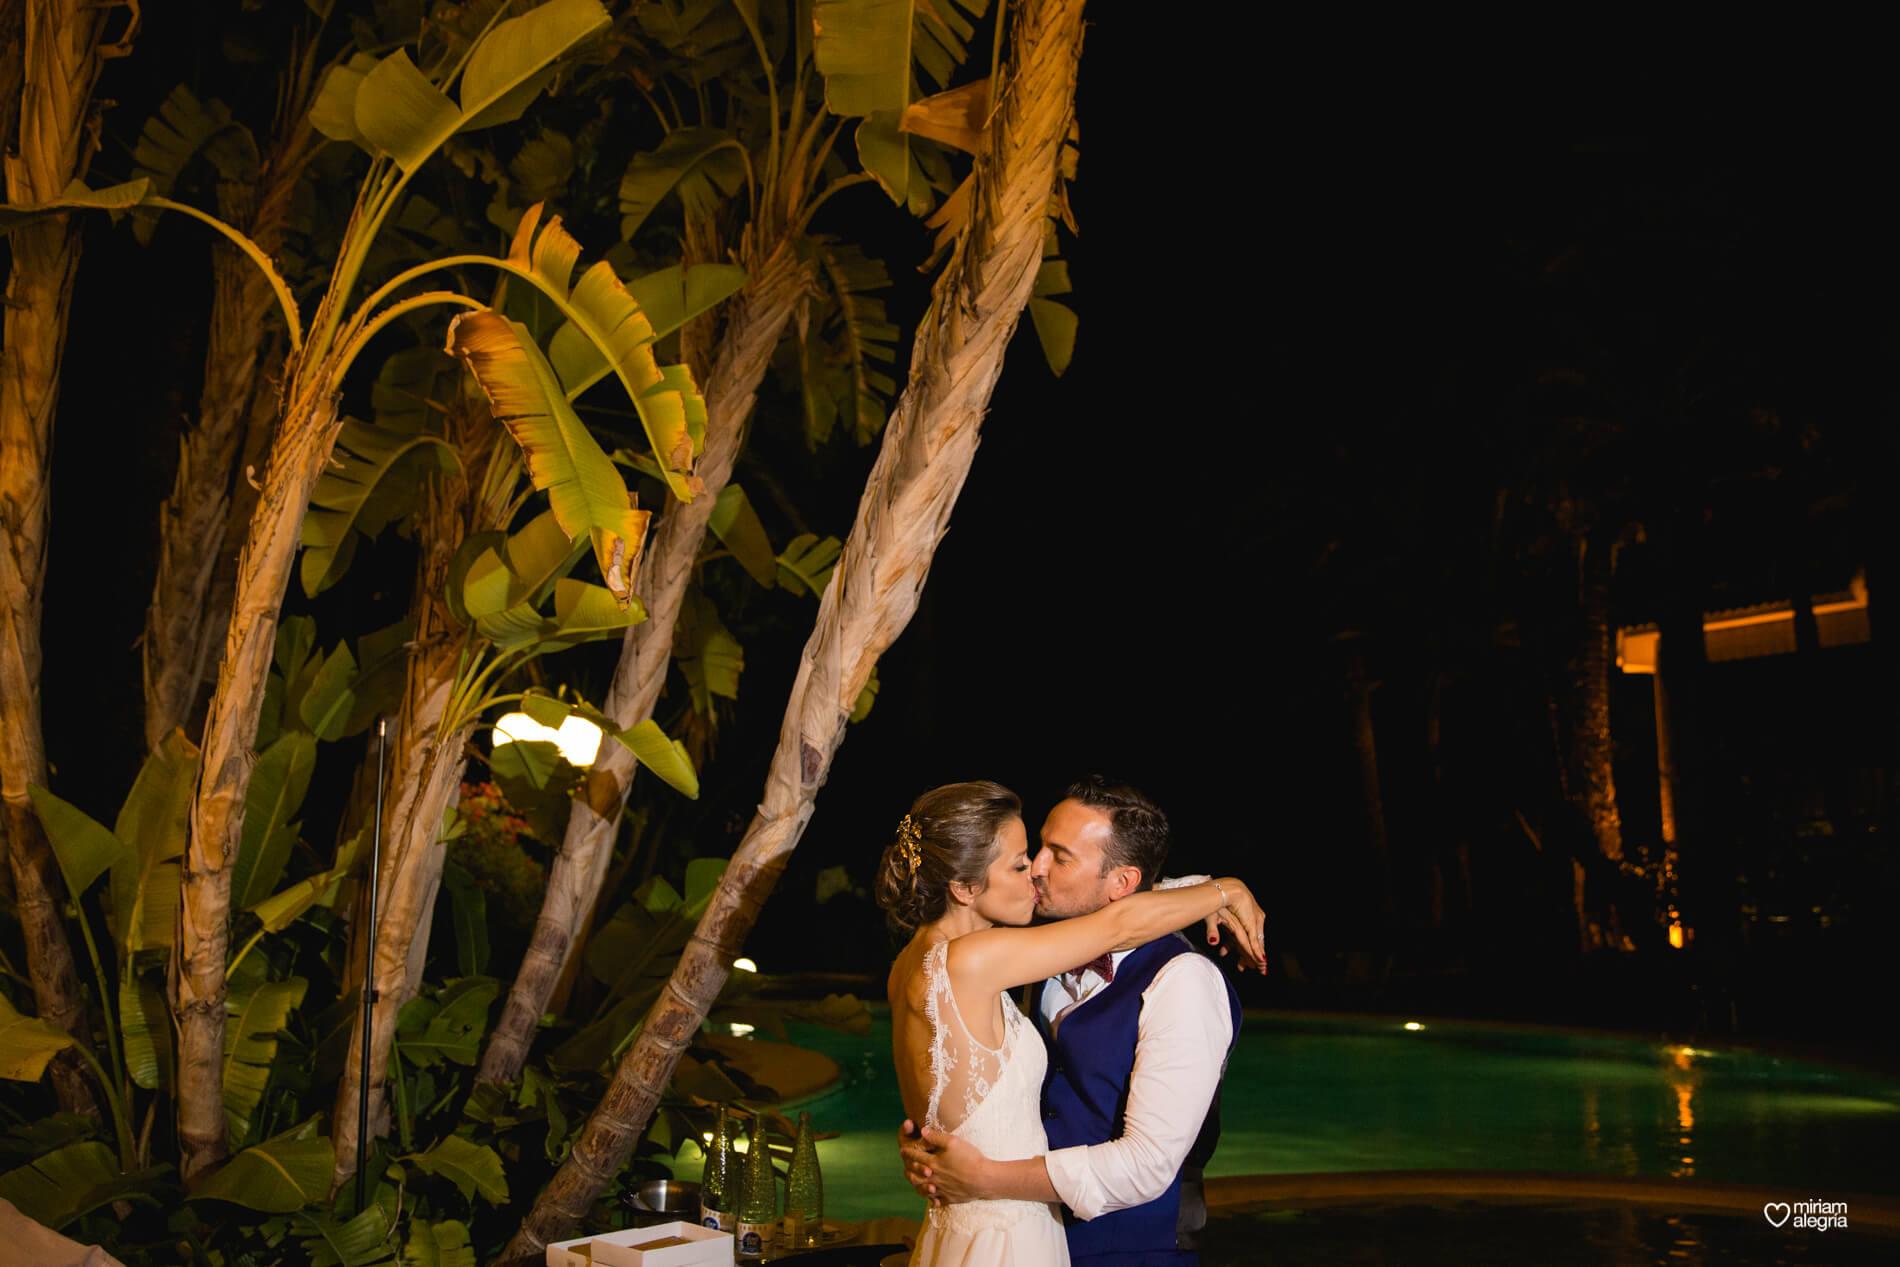 wedding-huerto-del-cura-elche-miriam-alegria-fotografos-boda-99